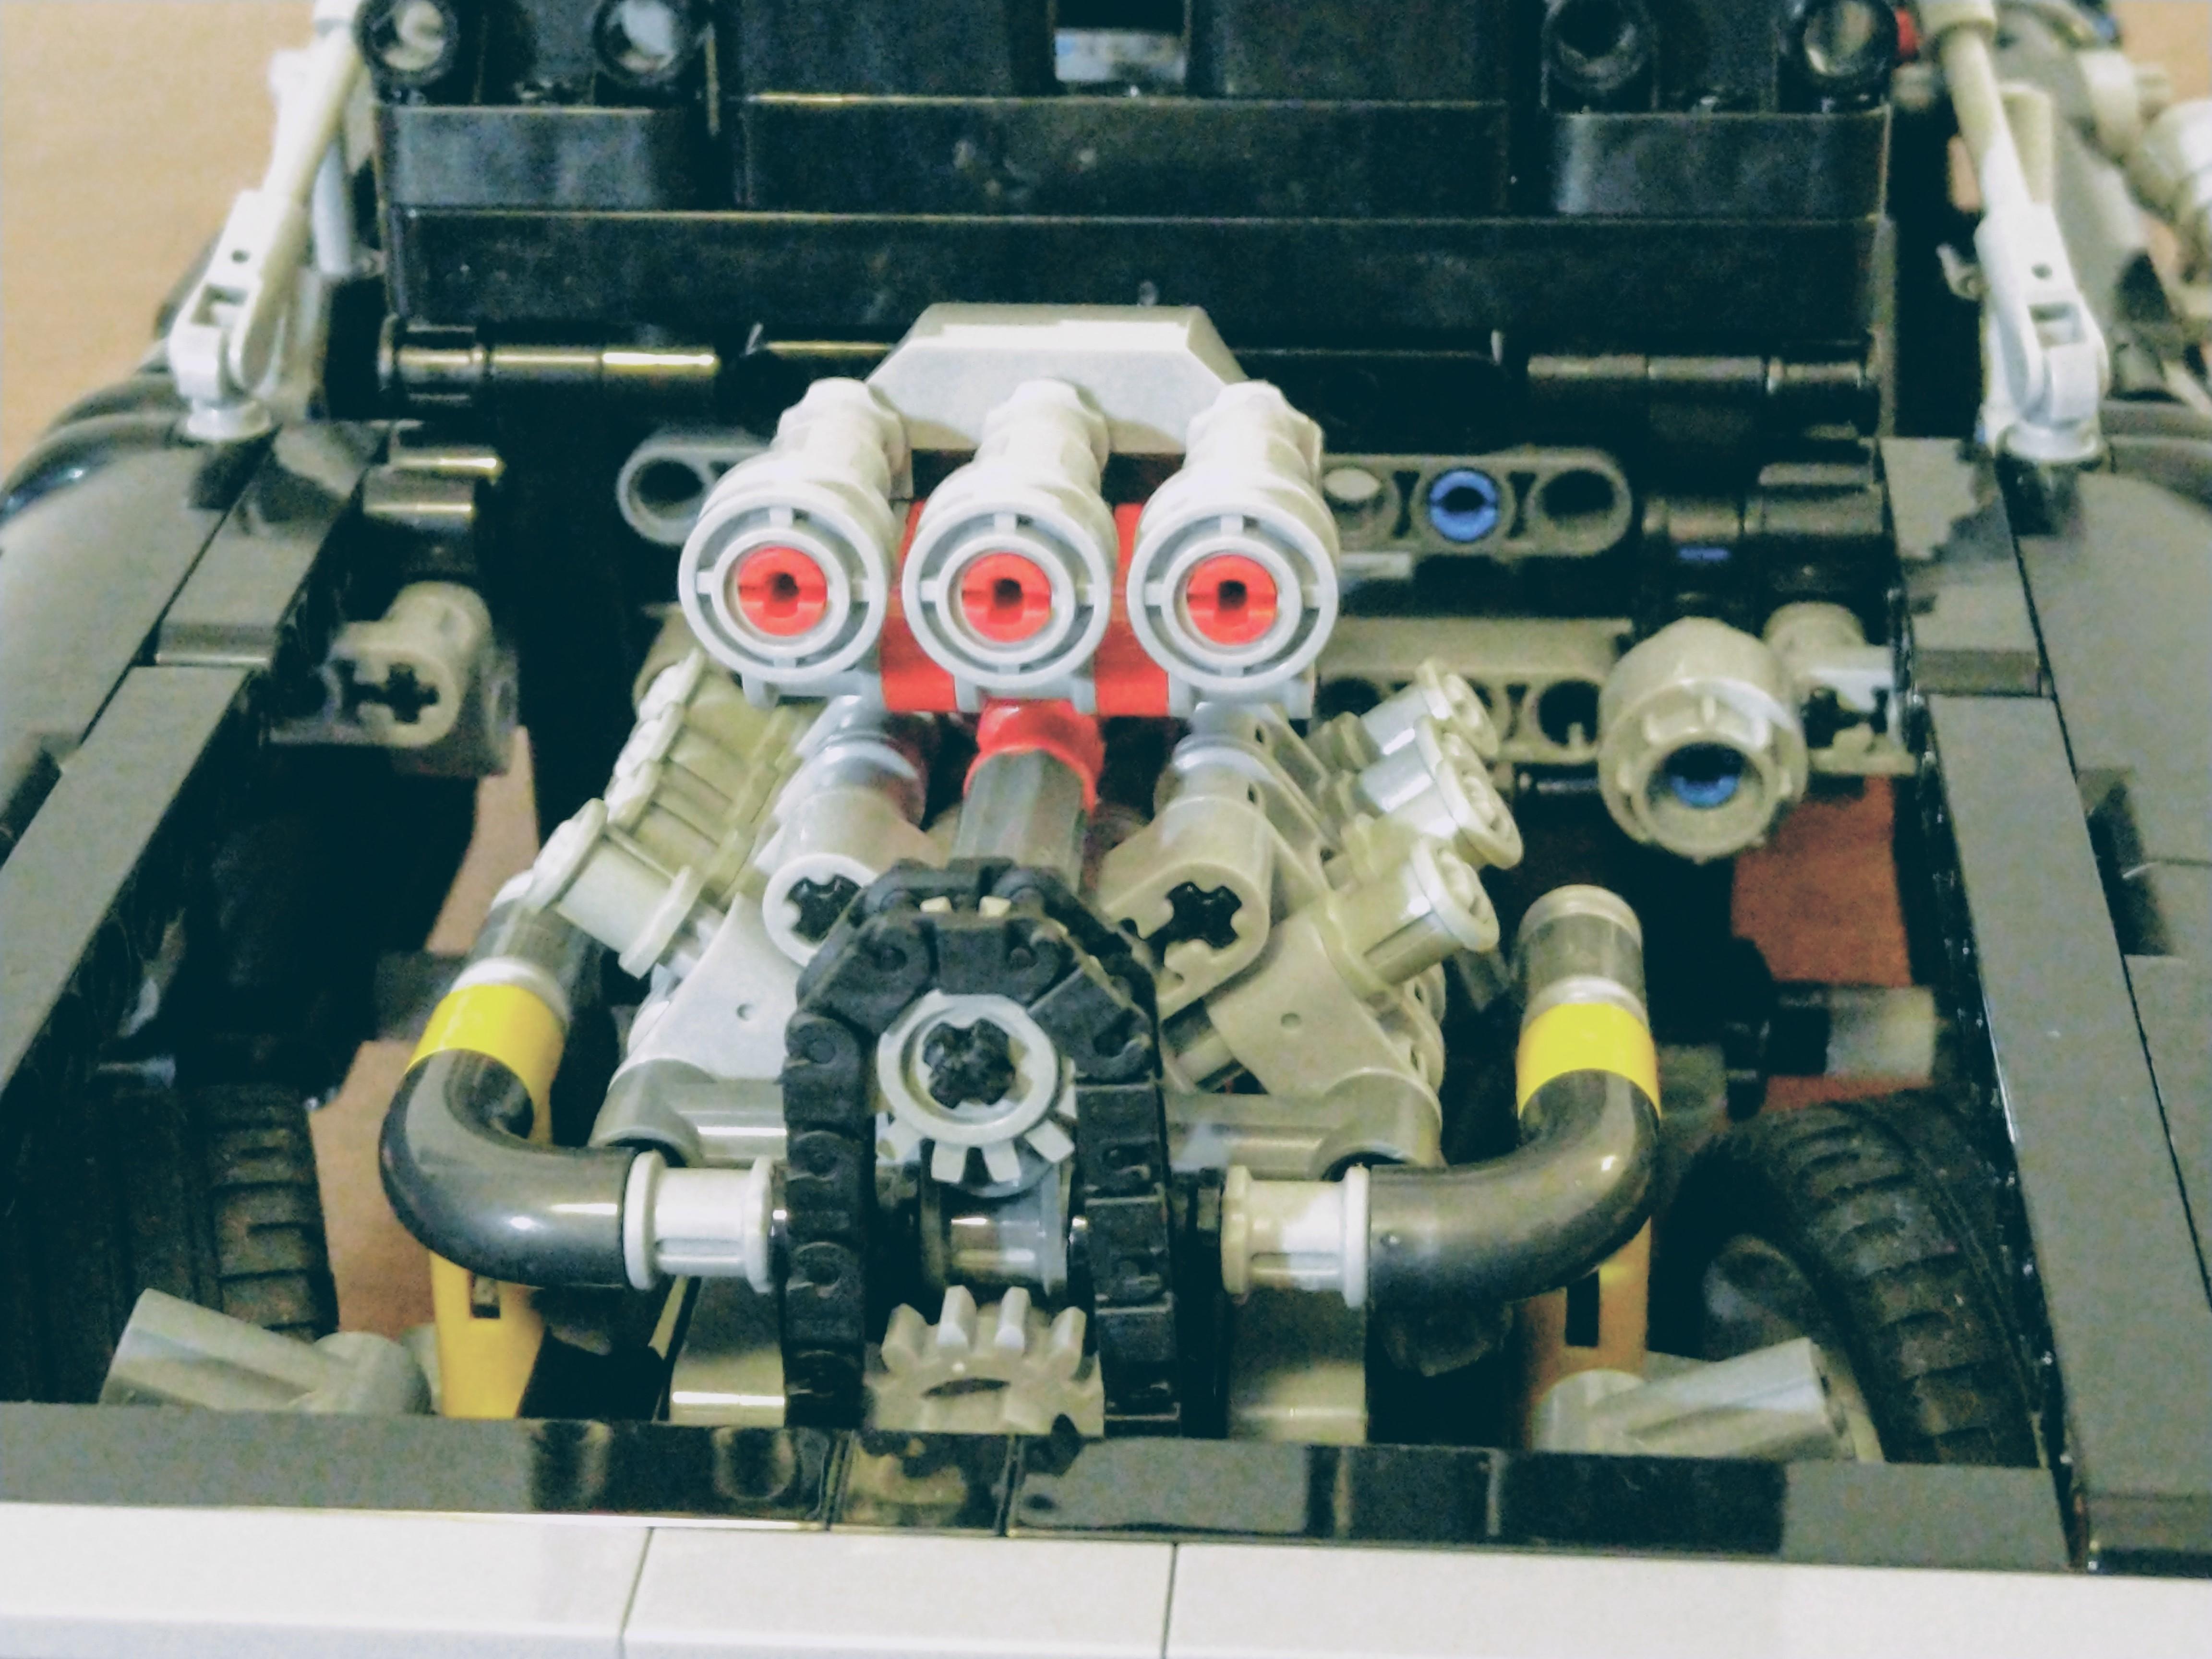 42111-Dodge-Charger-Engine_02.jpg